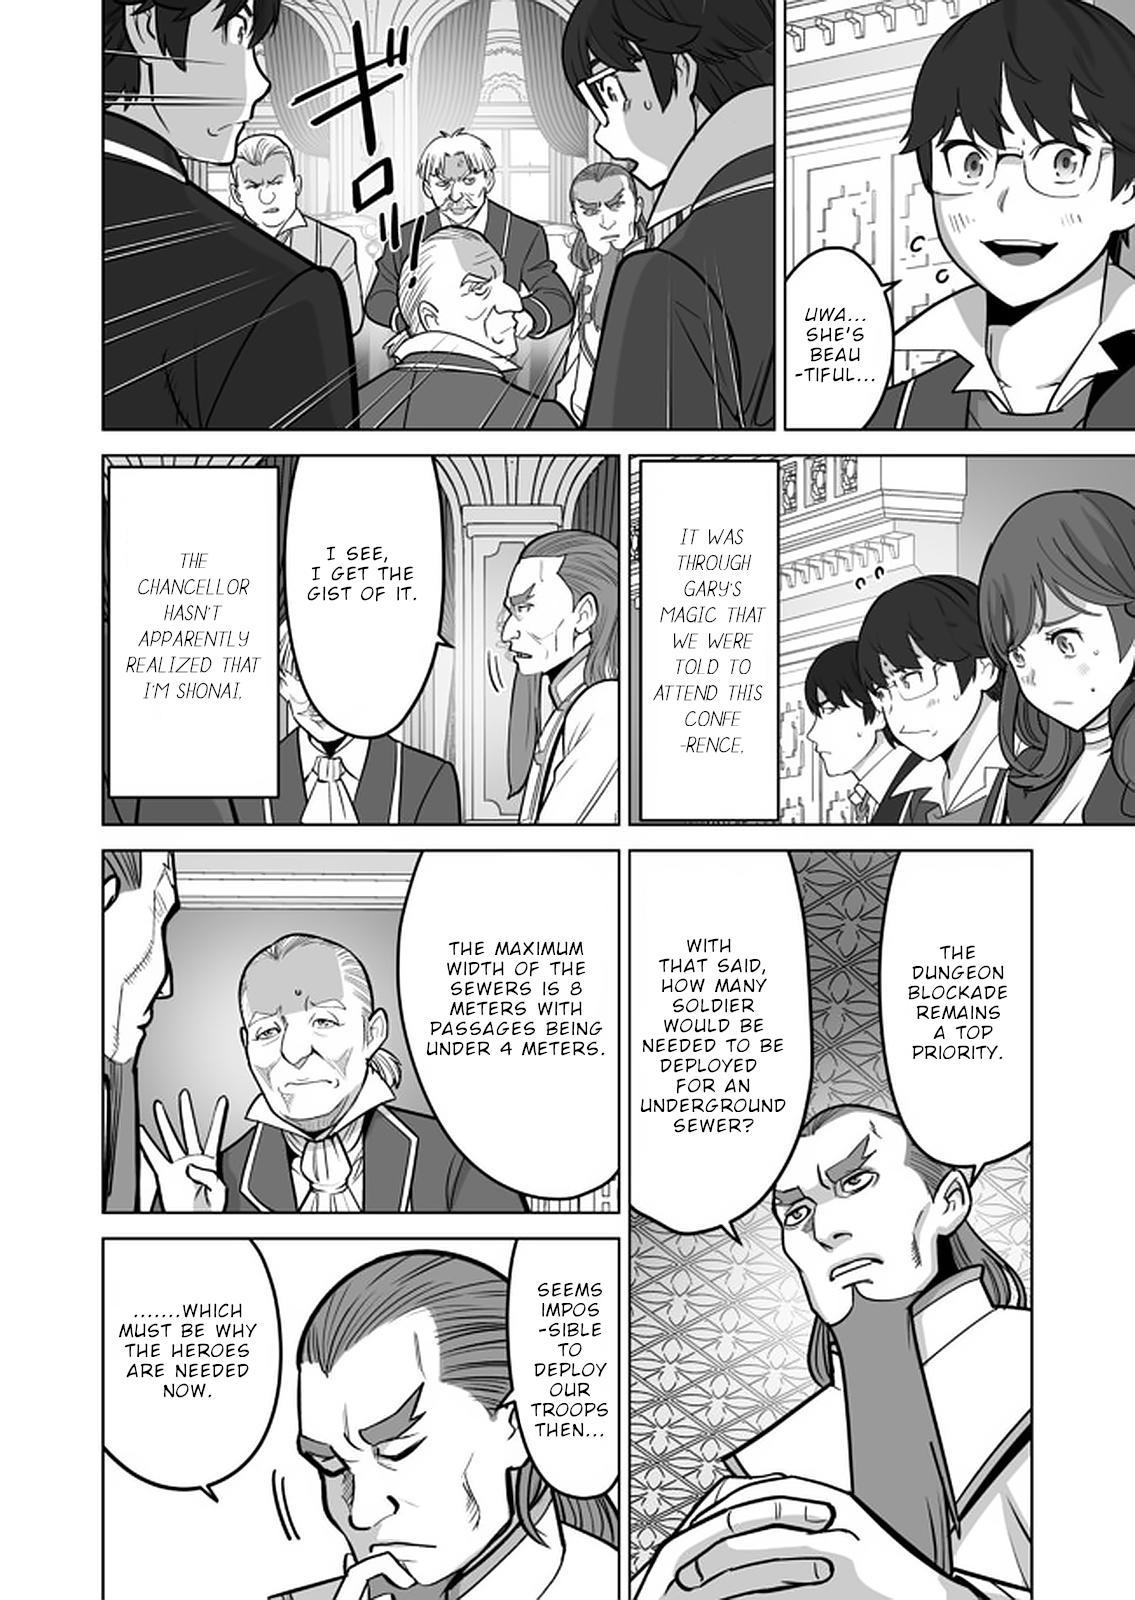 Sen No Sukiru O Motsu Otoko Chapter 36 page 3 - Mangakakalots.com